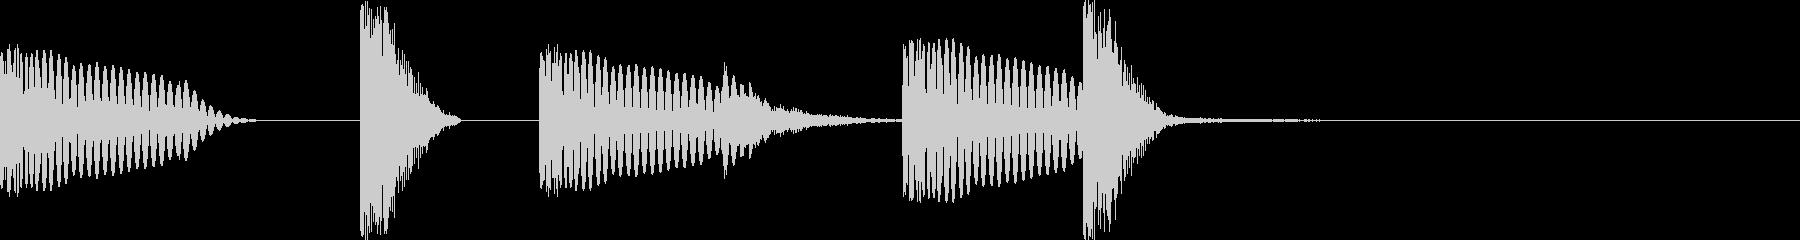 シンプルなドラムのジングルの未再生の波形